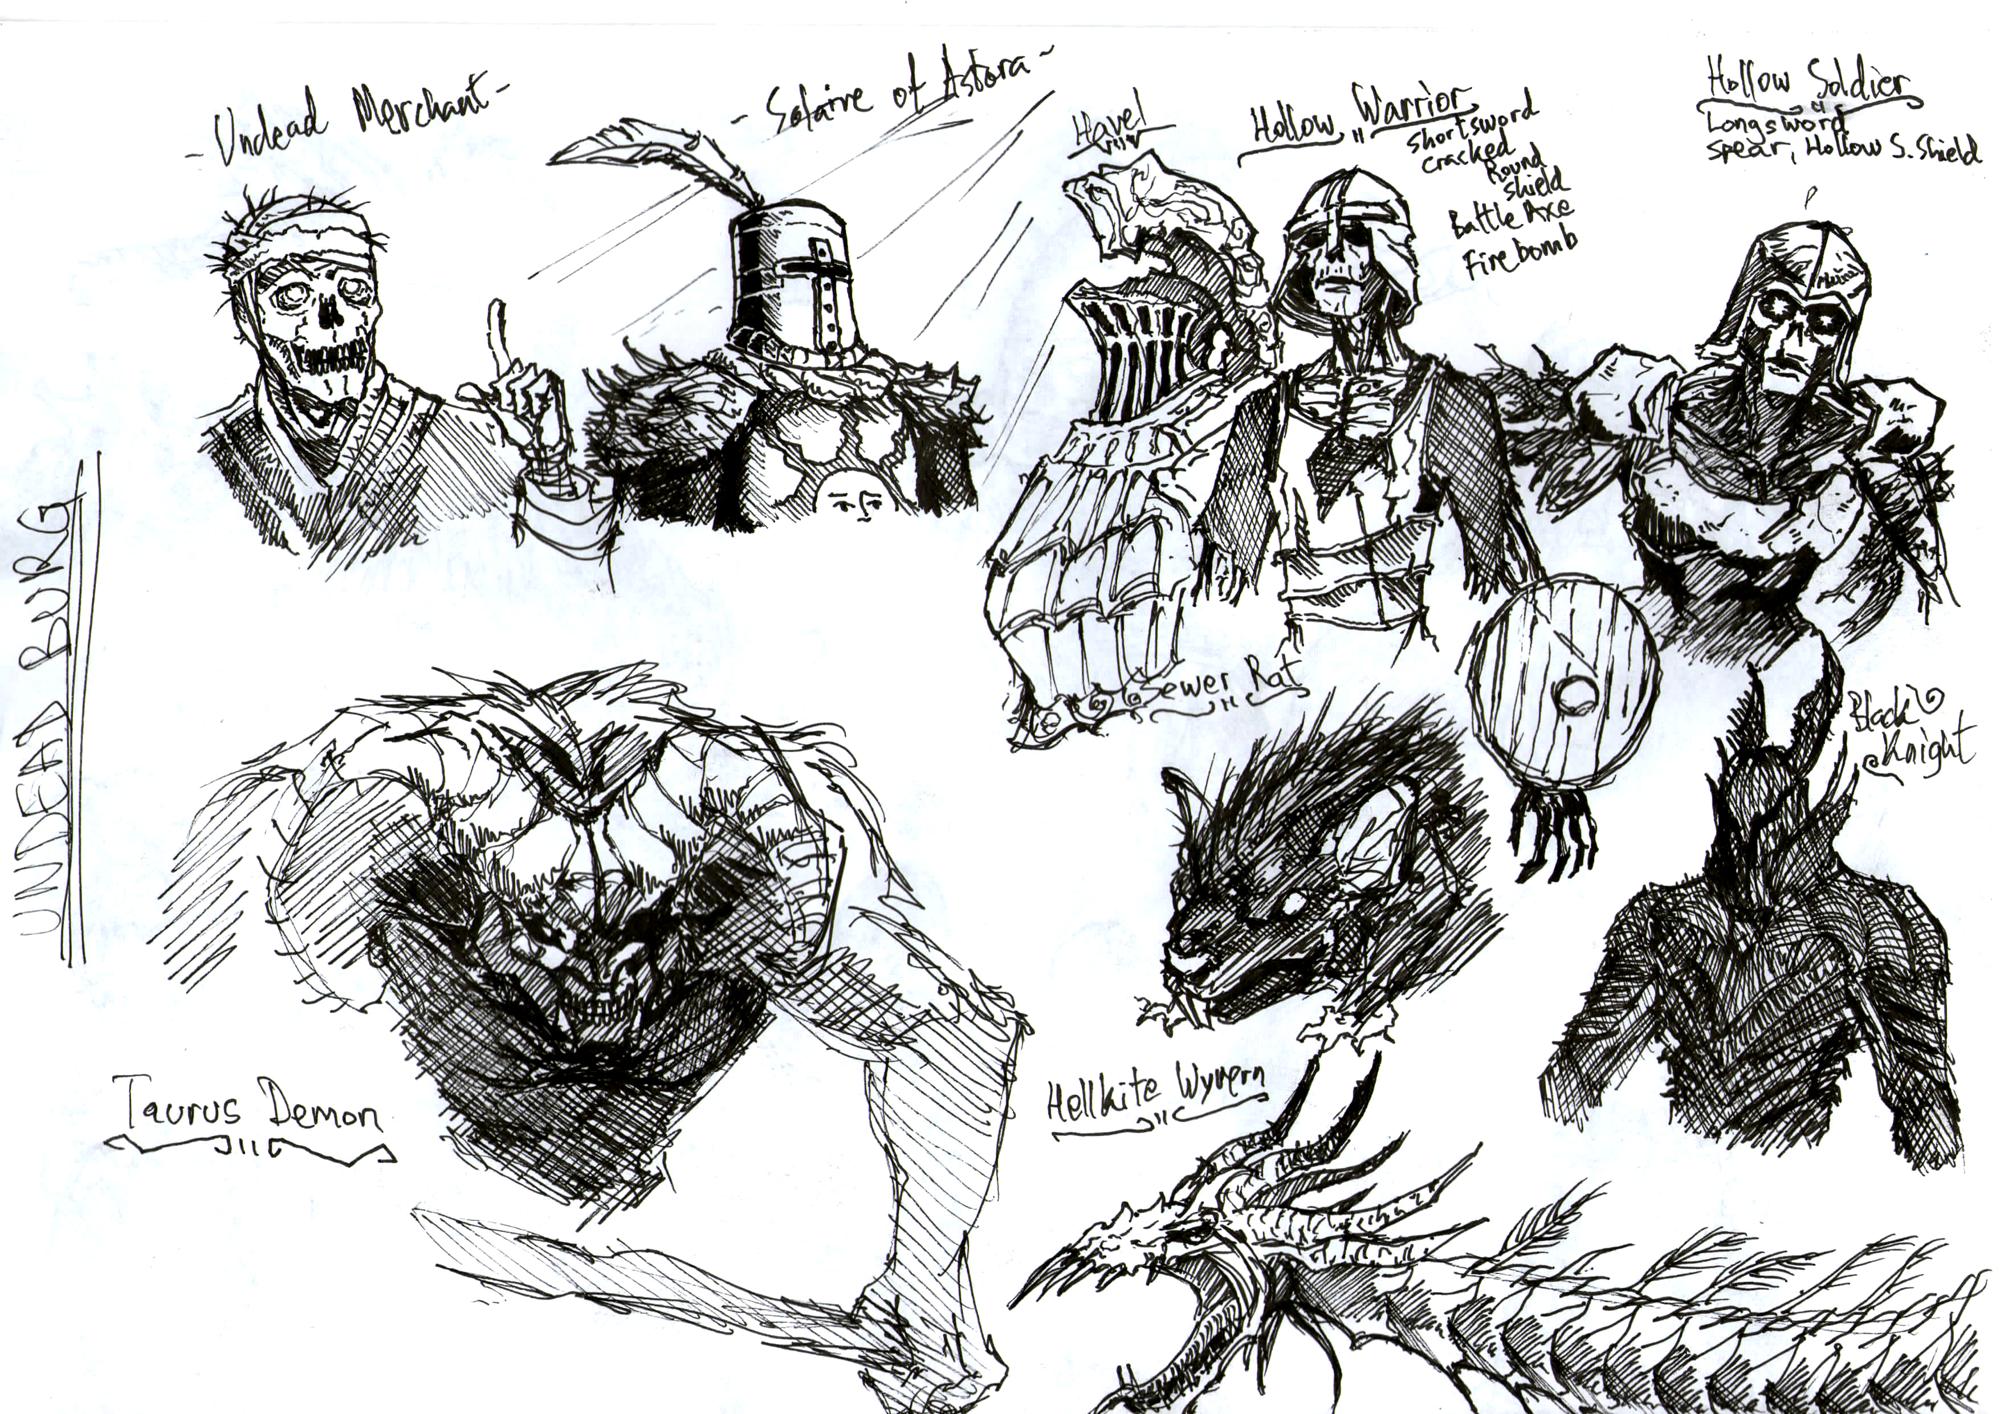 Dark Souls clipart hellkite DeviantArt 207 Burg 3 Zedotagger